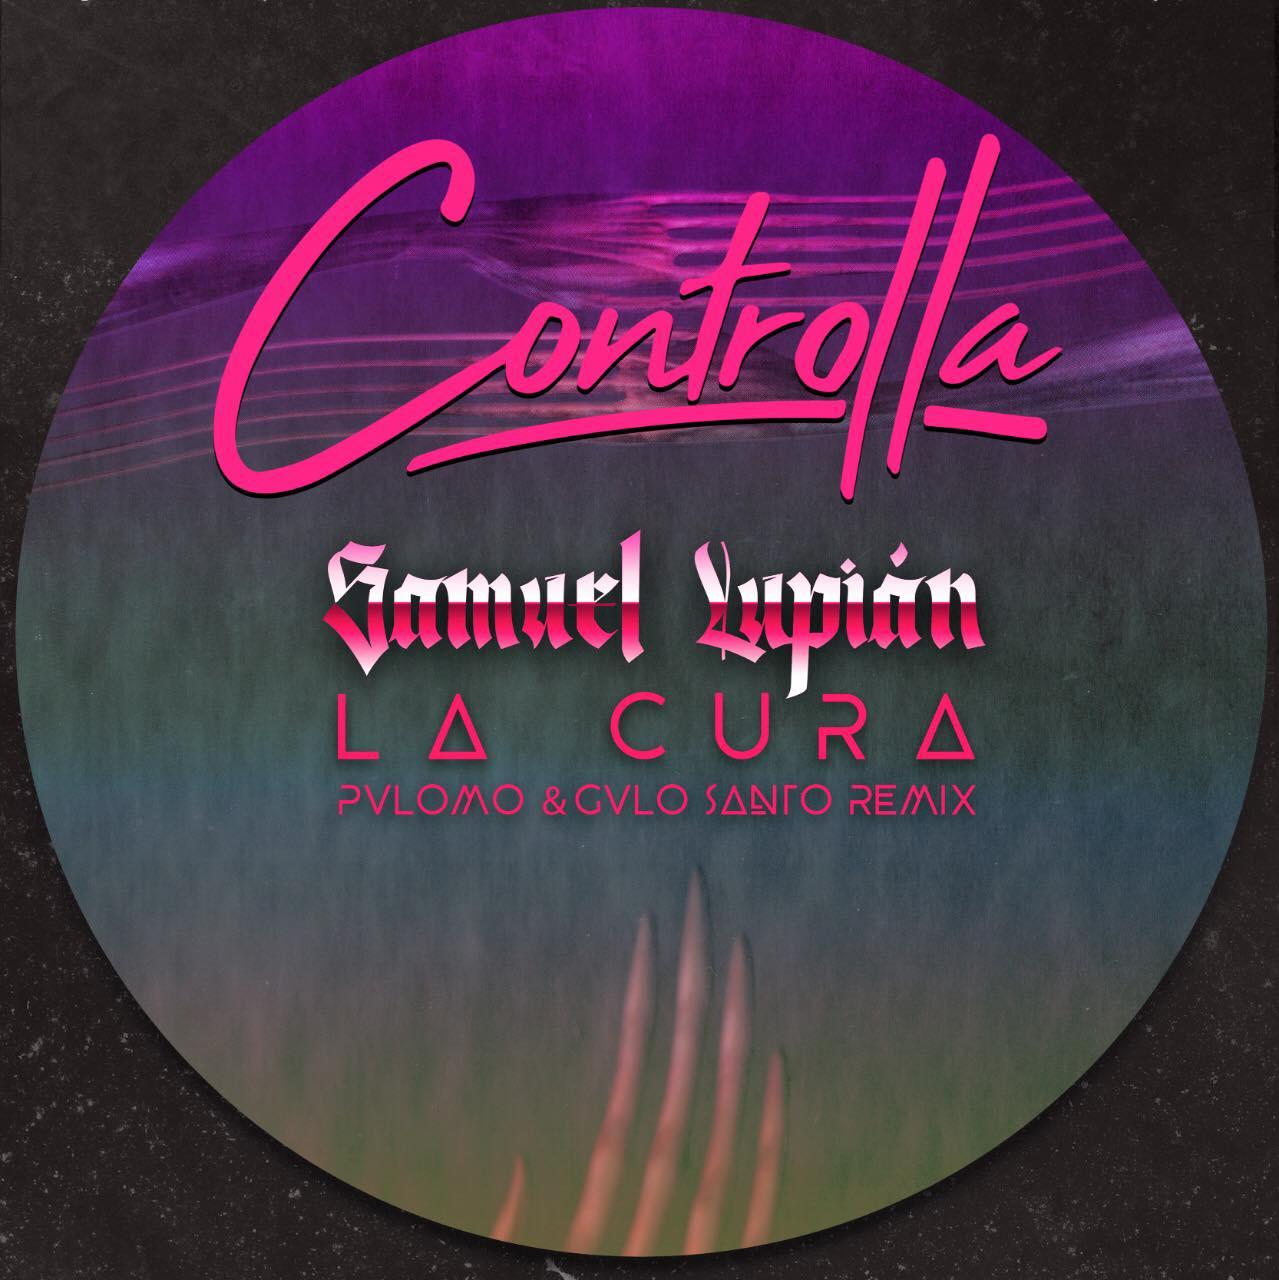 PREMIERE: Samuel Lupián - La Cura (Pvlomo & Galo Santo Remix) [Controlla] (2020)